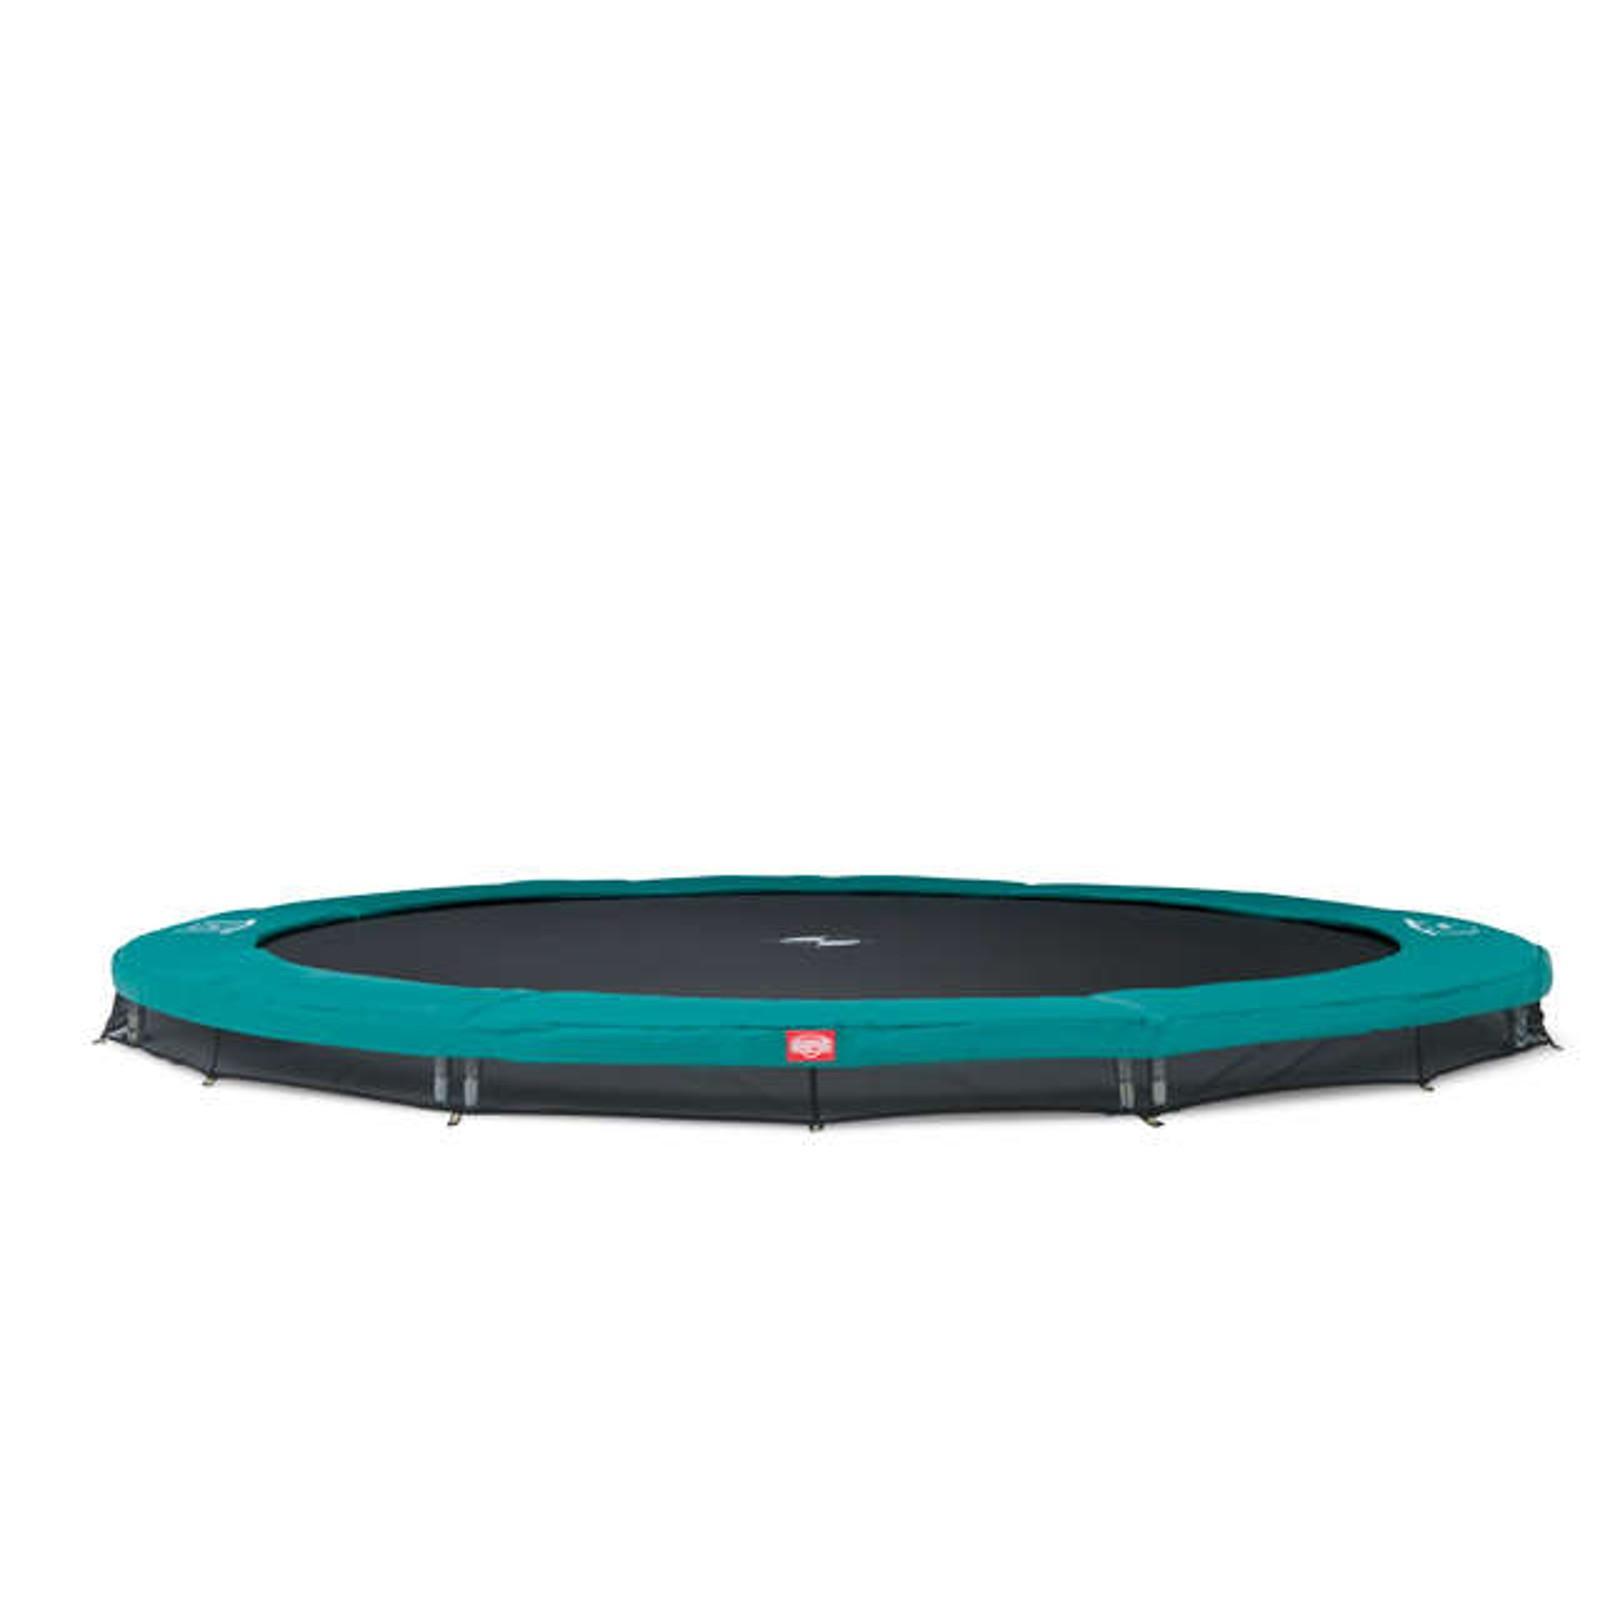 berg trampolin inground champion sport series kaufen test sport tiedje. Black Bedroom Furniture Sets. Home Design Ideas